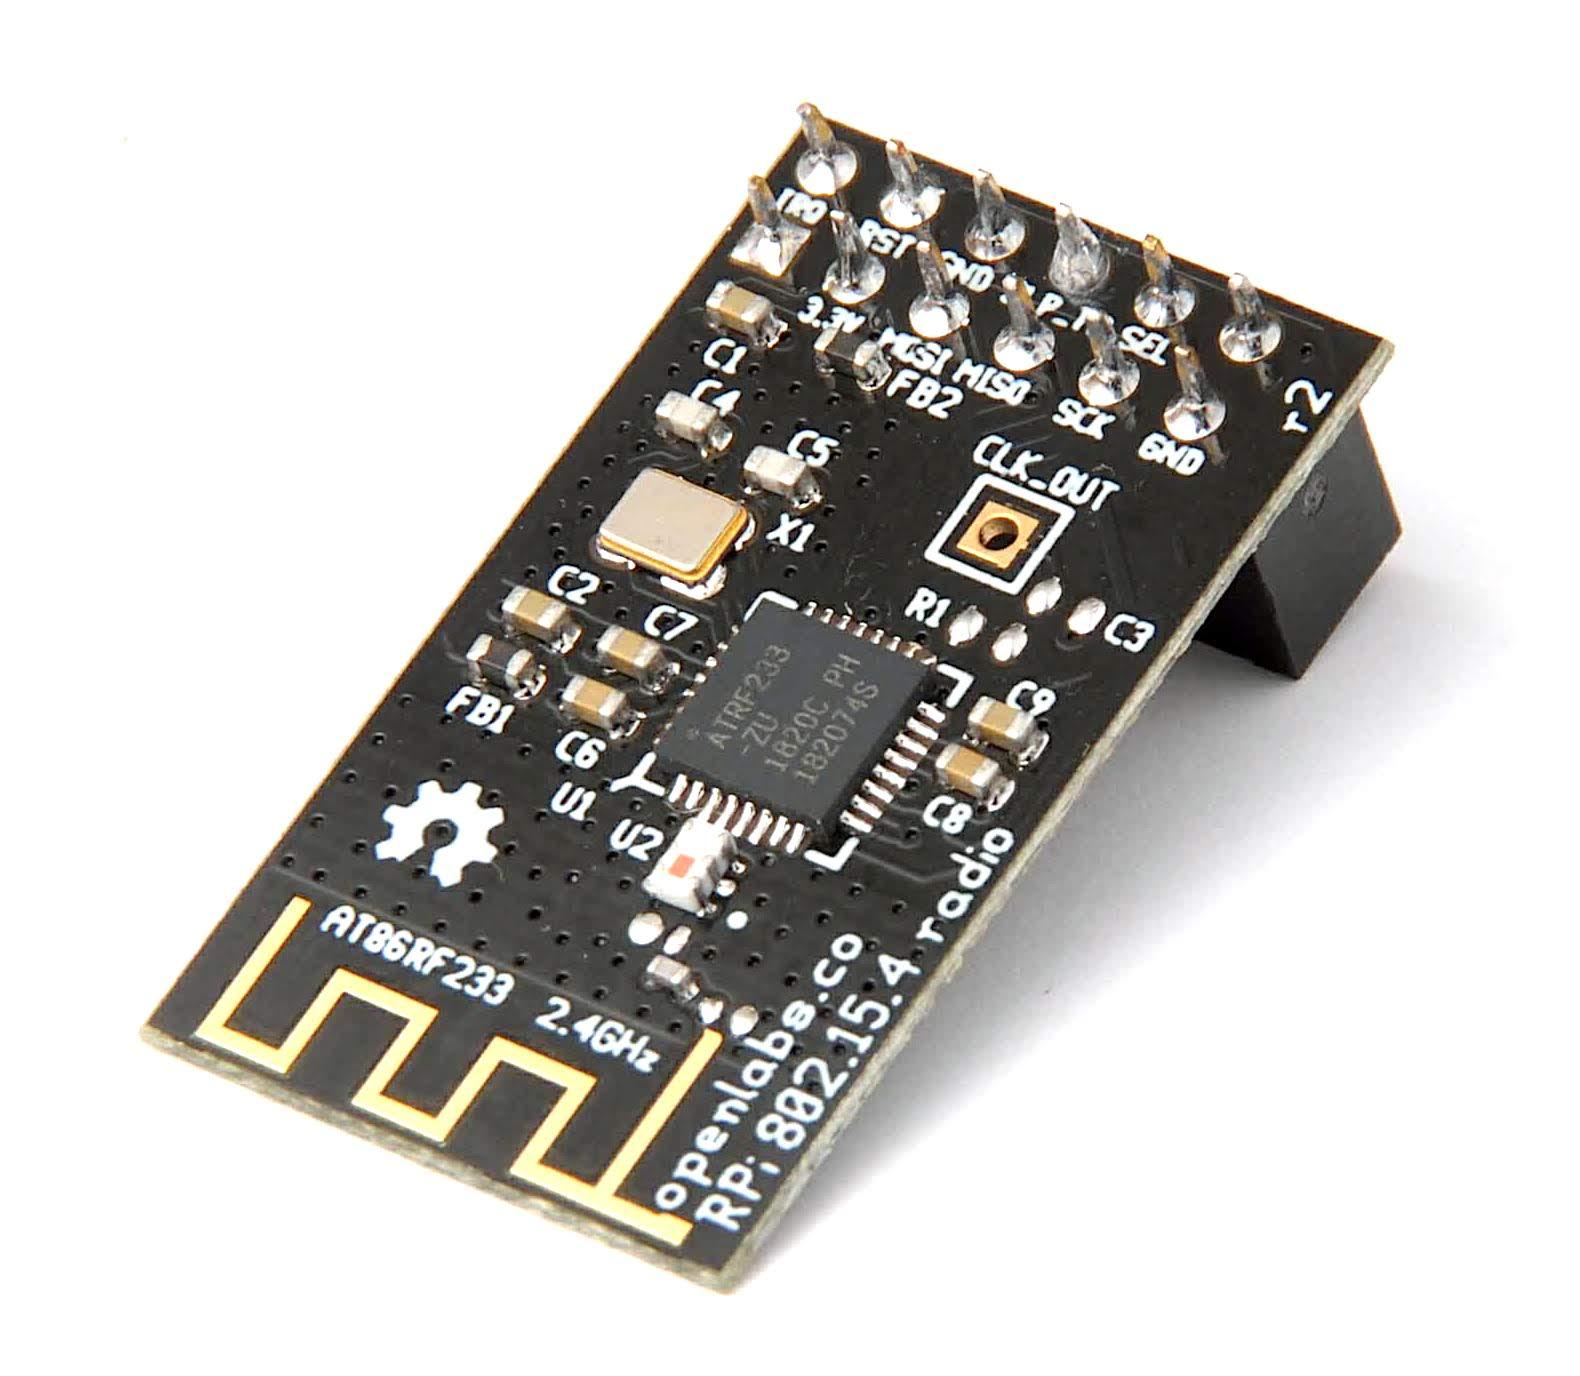 Raspberry Pi 802 15 4 radio - openlabs co